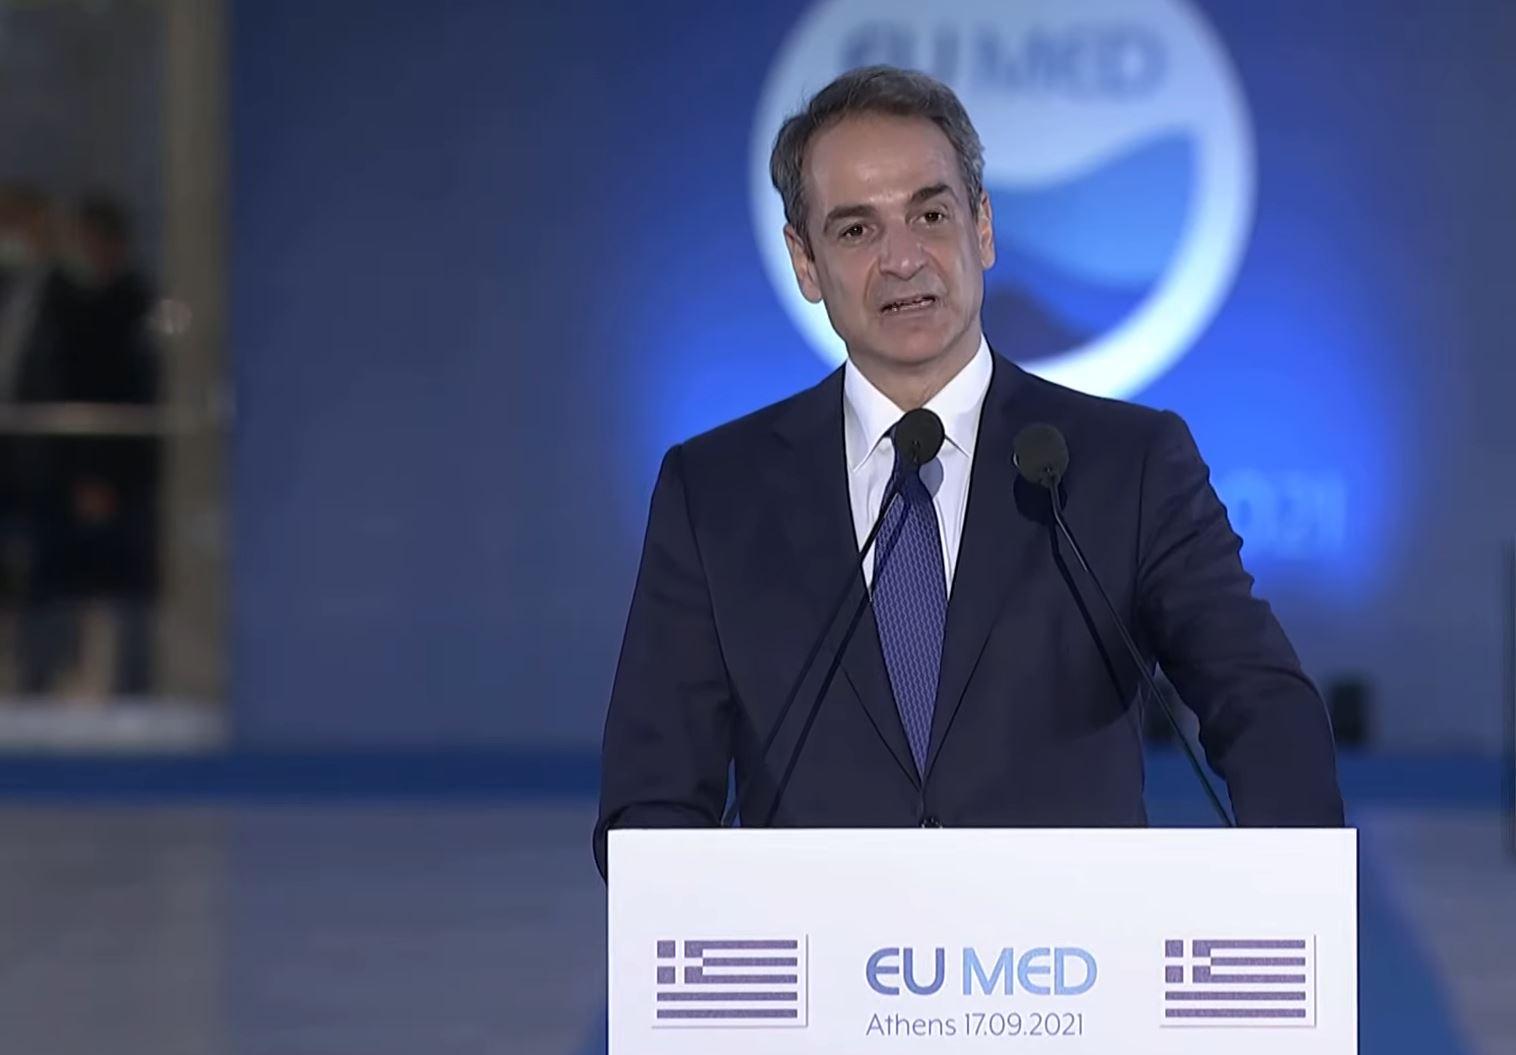 EUMED9 - Μητσοτάκης